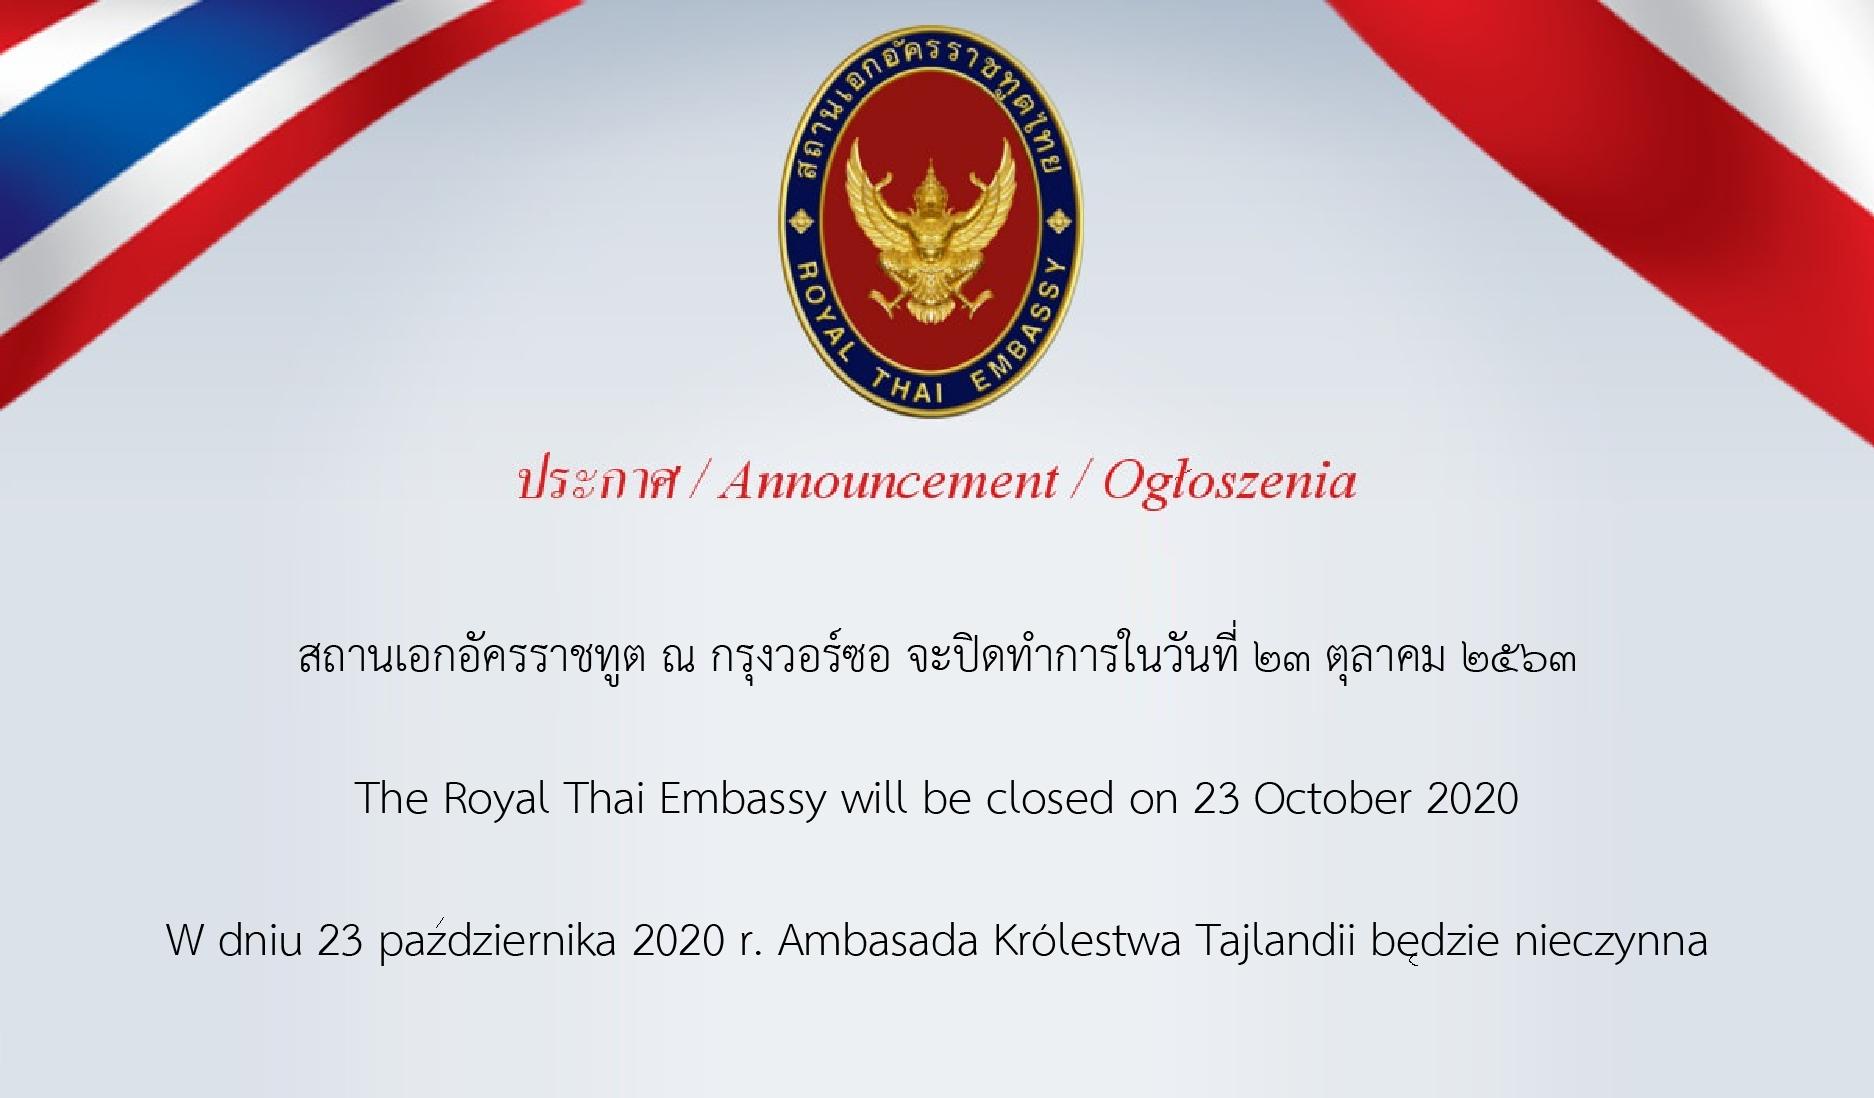 Embassy_closed_23_october_2020